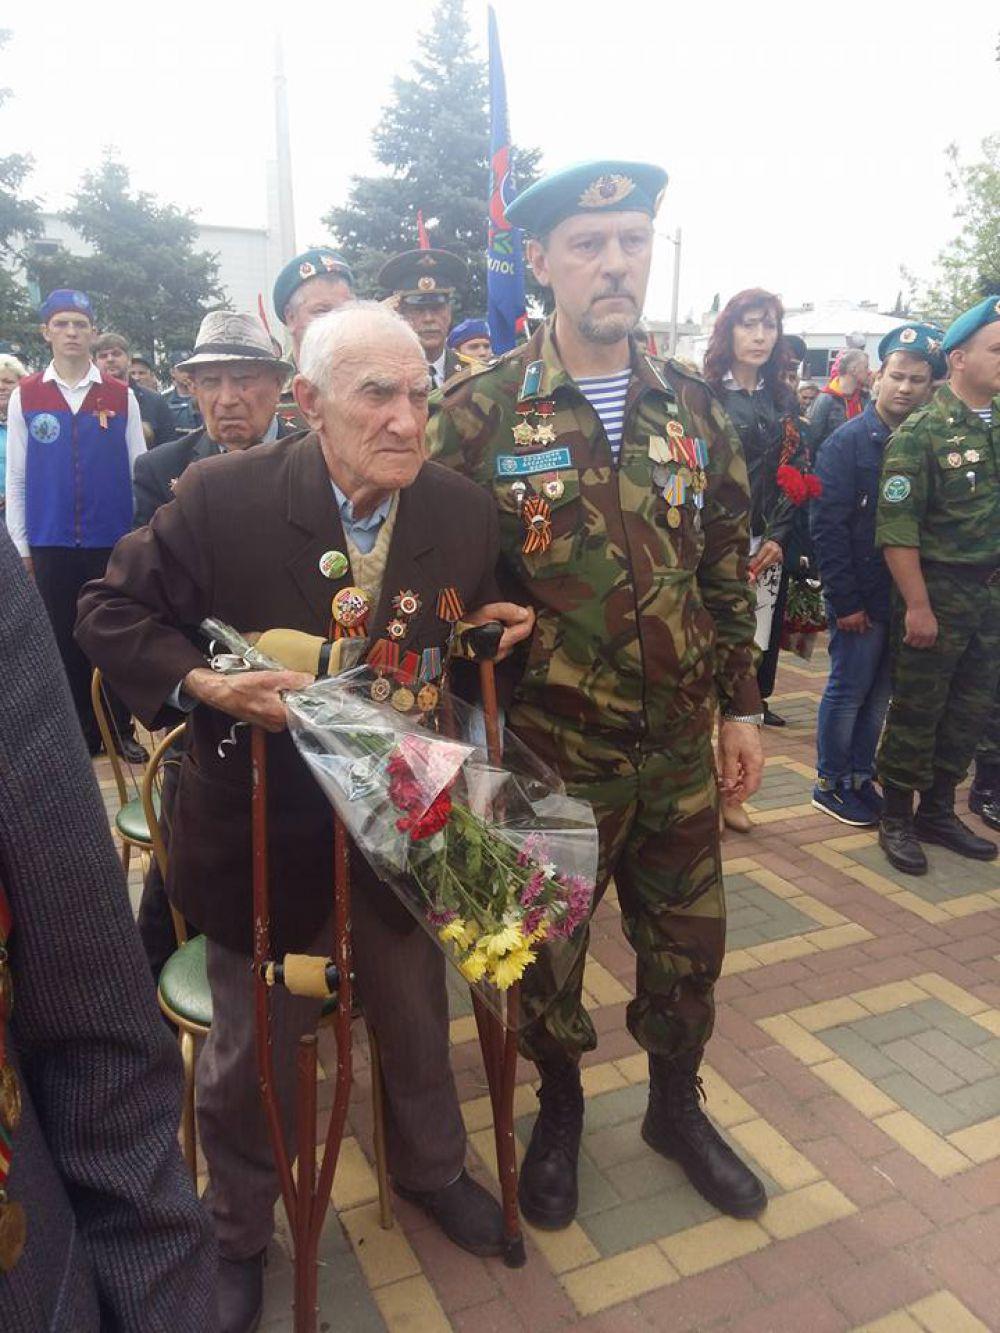 А это шахтинский ветеран. Несмотря на возраст и состояние здоровья поколение победителей, как и прежде, в строю.